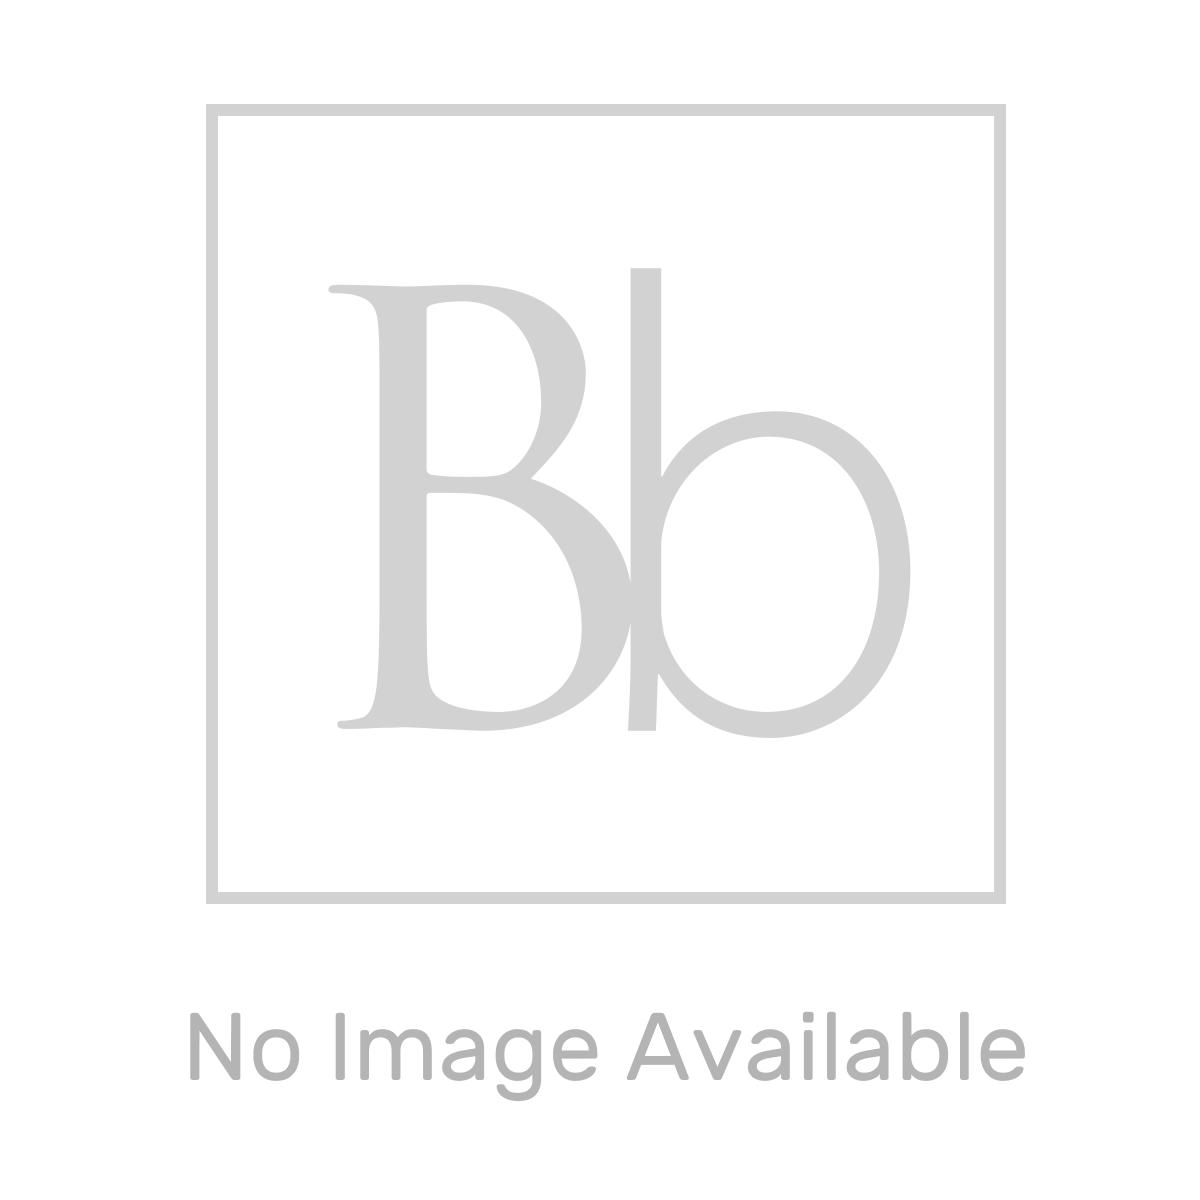 Tavistock Micra Short Projection Toilet Seat